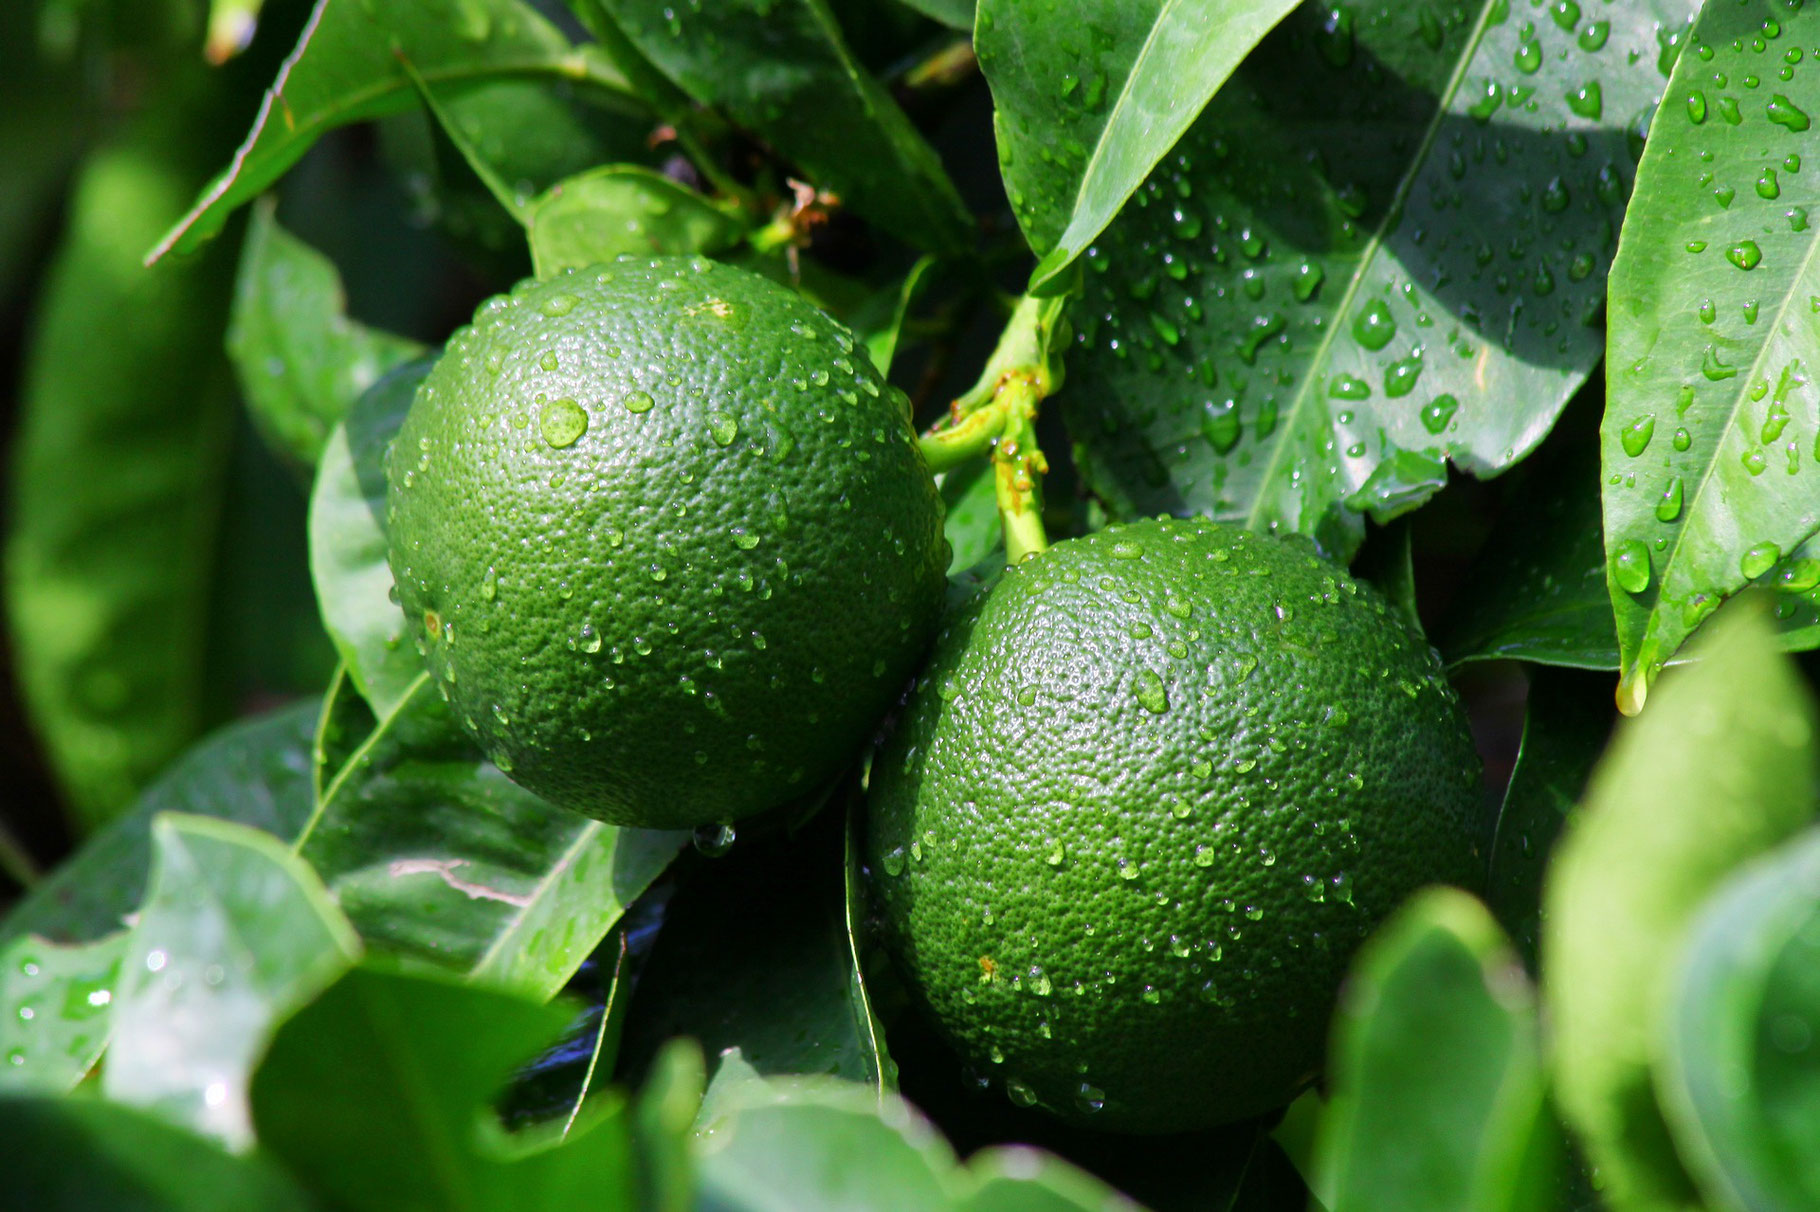 olio-essenziale-di-mandarino-verde